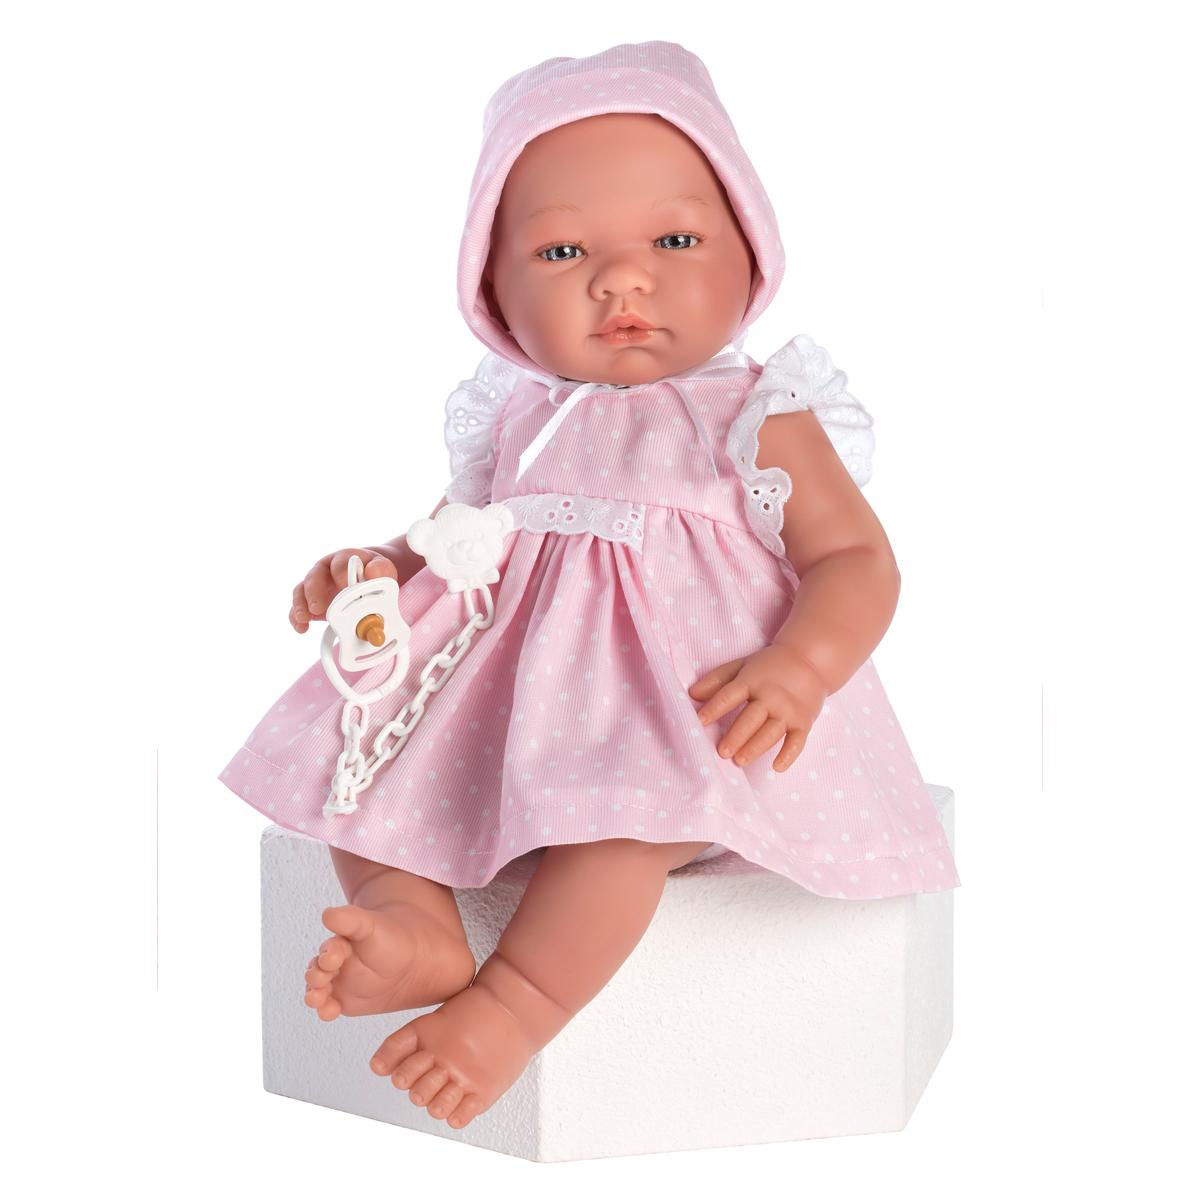 Image of Así Maria babydukke, pige med prikket kjole - 43 cm